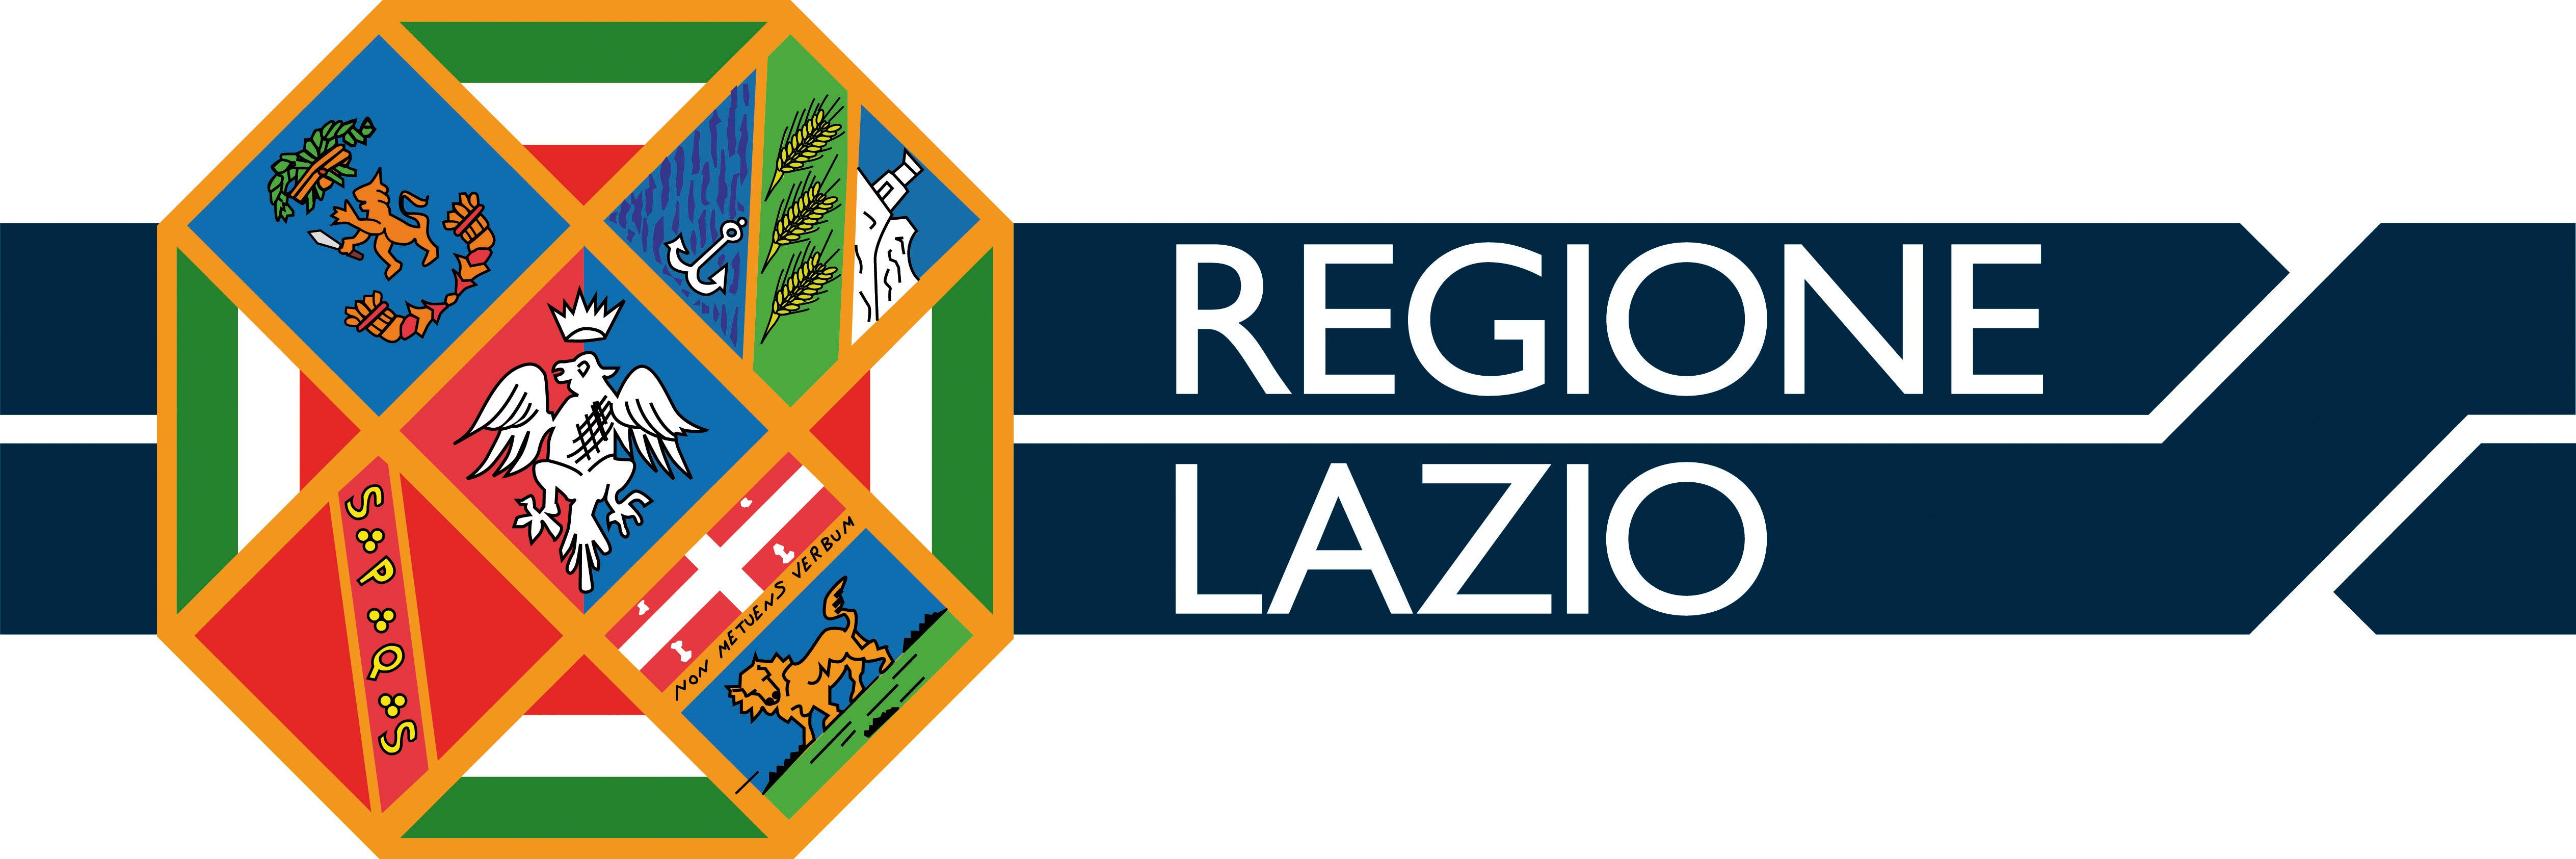 """""""Giornata della creatività. Il Lazio, una regione di talenti"""" - 12 dicembre 2016 - ore 18 - Spazio Novecento - Piazza Guglielmo Marconi, 26/b, Roma"""